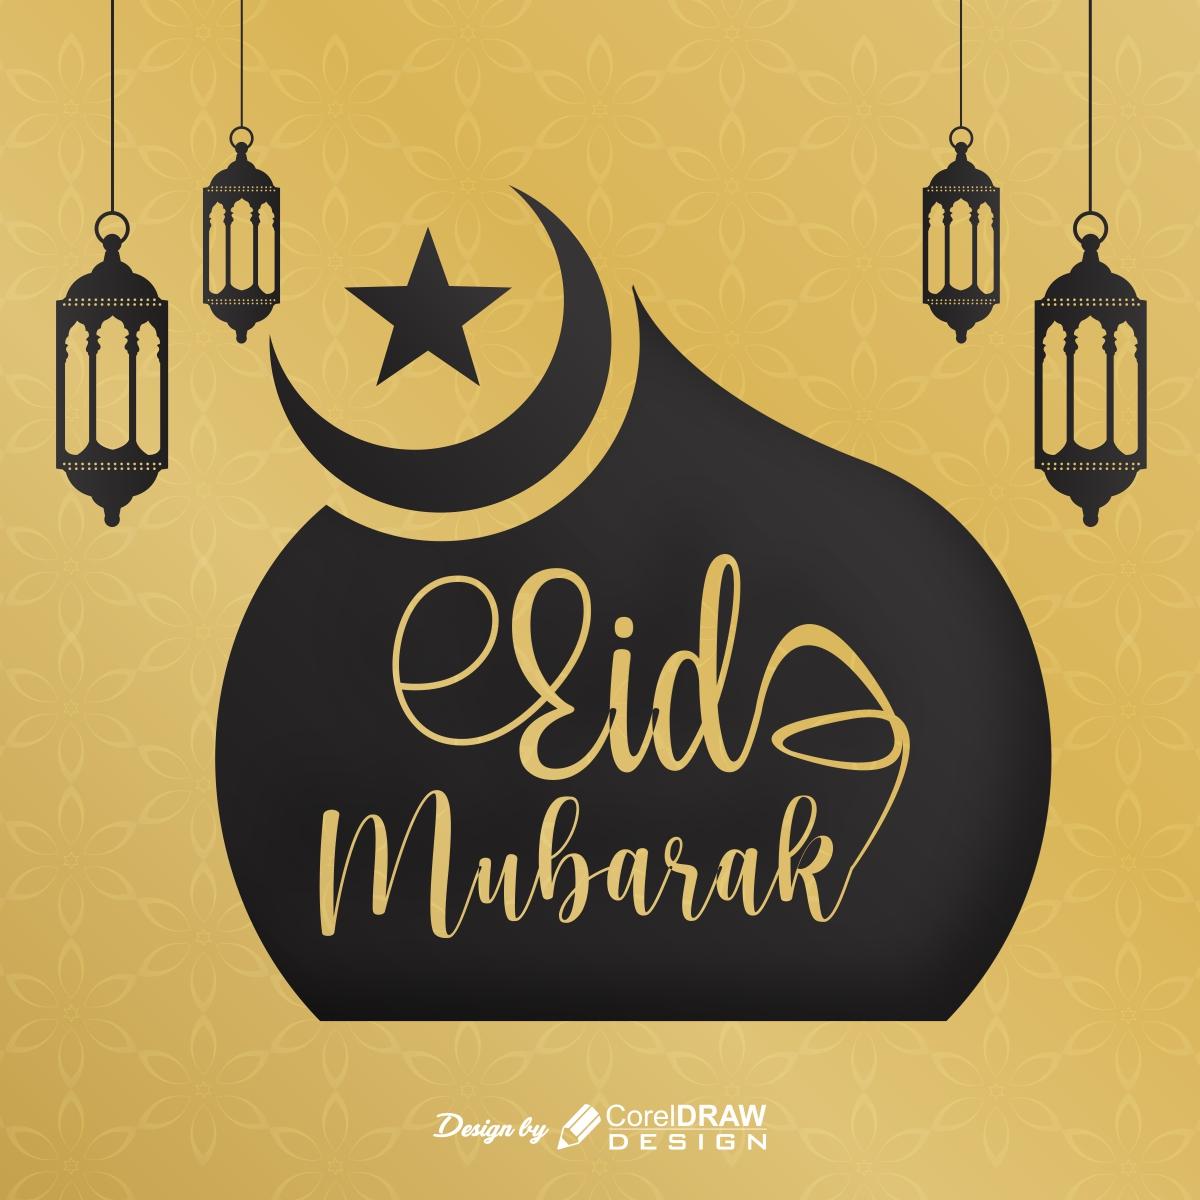 Download Eid Mubarak Wishes Coreldraw Design Download Free Cdr Vector Stock Images Tutorials Tips Tricks